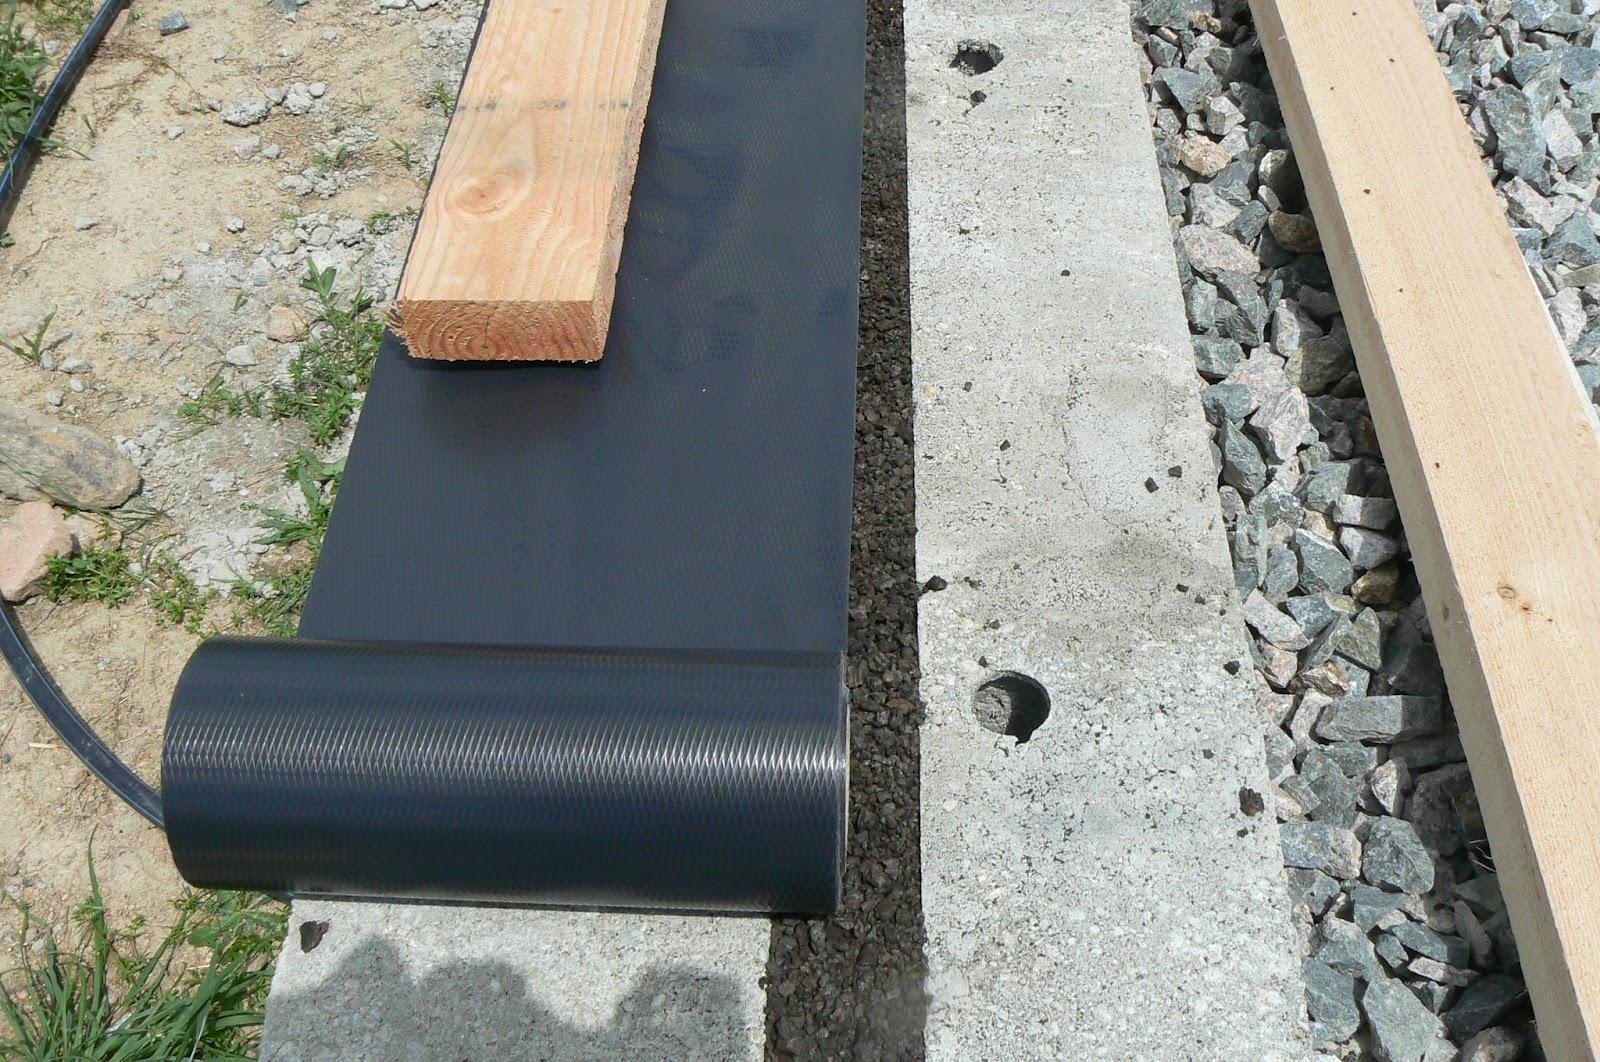 autoconstruction d 39 une maison en paille lentigny juin 2012. Black Bedroom Furniture Sets. Home Design Ideas